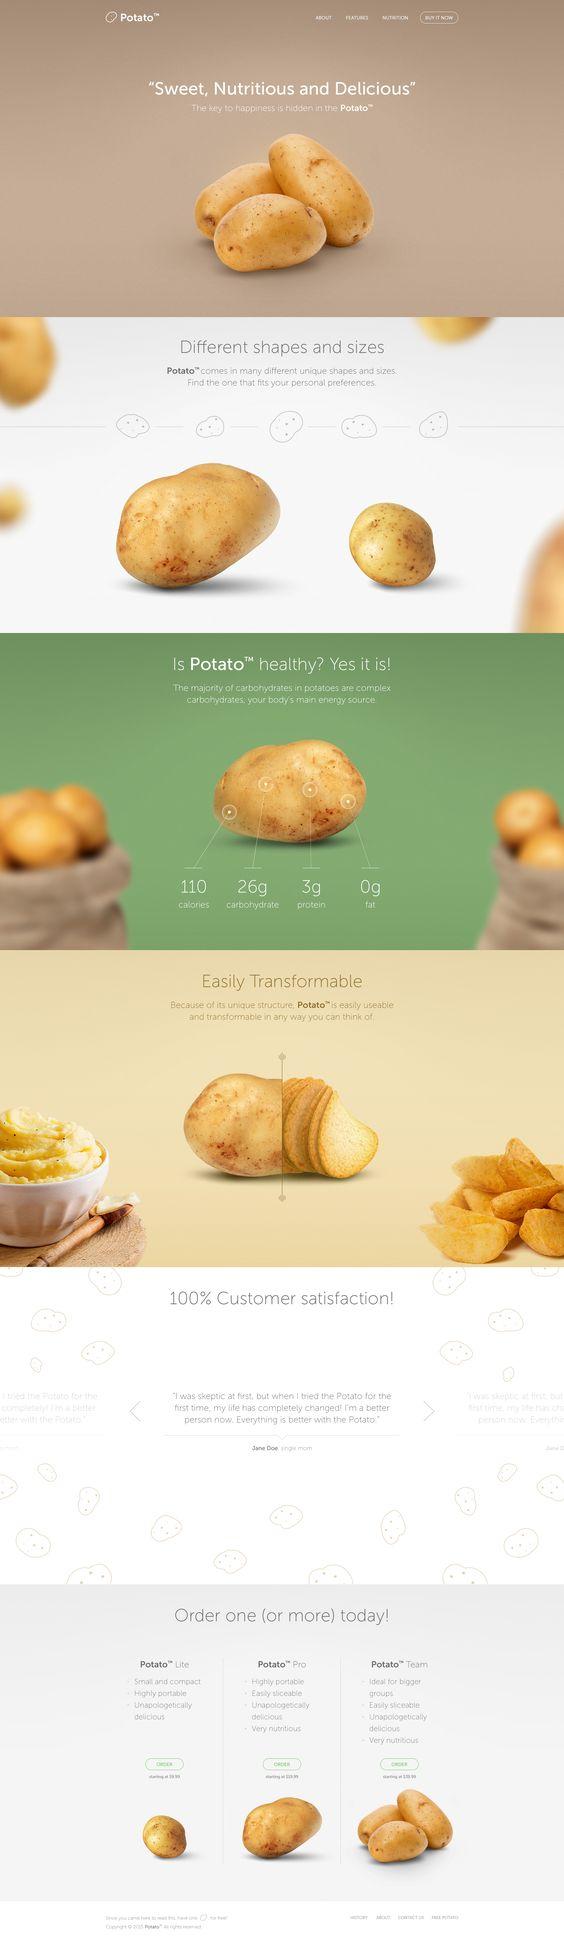 Ich weiß ja nich genau warum die Kartoffel ne eigene Website bräuchte... :D Aber wenn, dann würde sie so was her machen. → Mehr #Design #Webdesign #Website #Ideen & #Inspiration auf pins.dermichael.net ▶▶